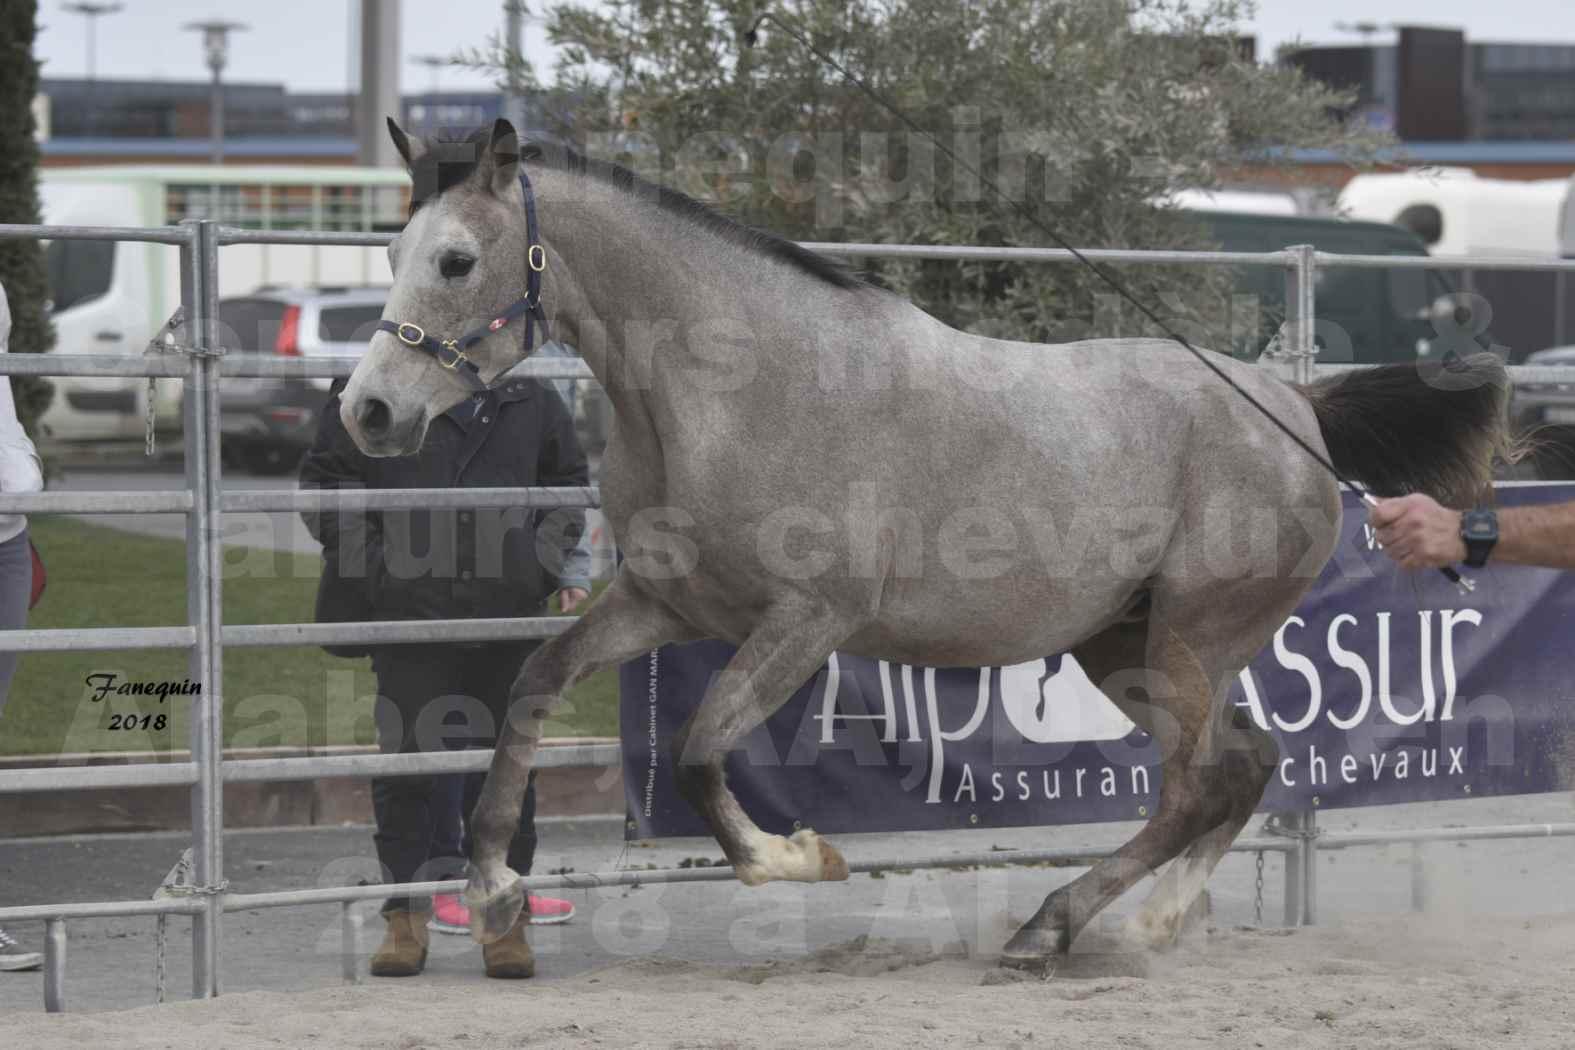 Concours d'élevage de Chevaux Arabes - D. S. A. - A. A. - ALBI les 6 & 7 Avril 2018 - FESIHAMKA ARTAGNAN - Notre Sélection - 9